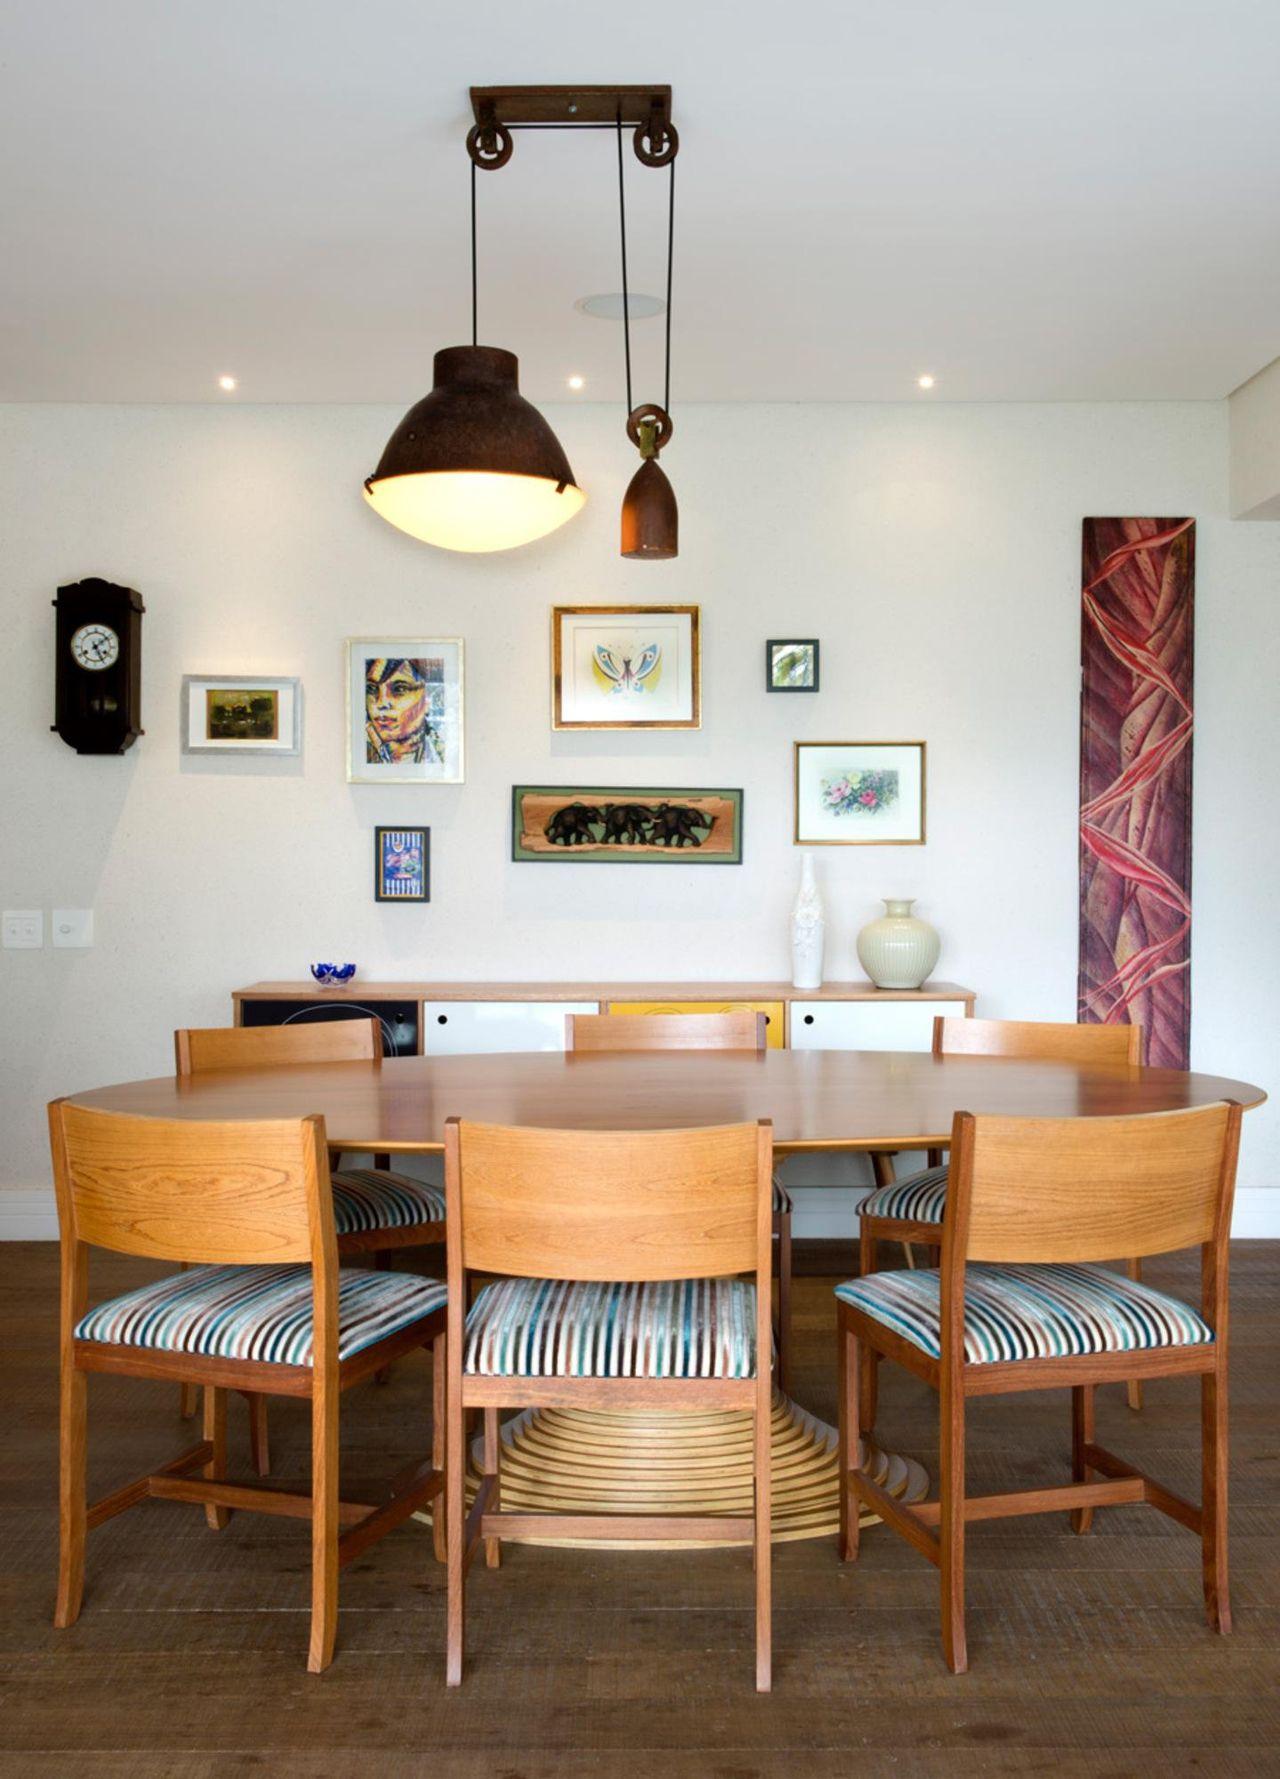 Como Escolher O Lustre Ideal Para A Sala Dicas E Inspira Es  -> Lustre Para Sala De Apartamento